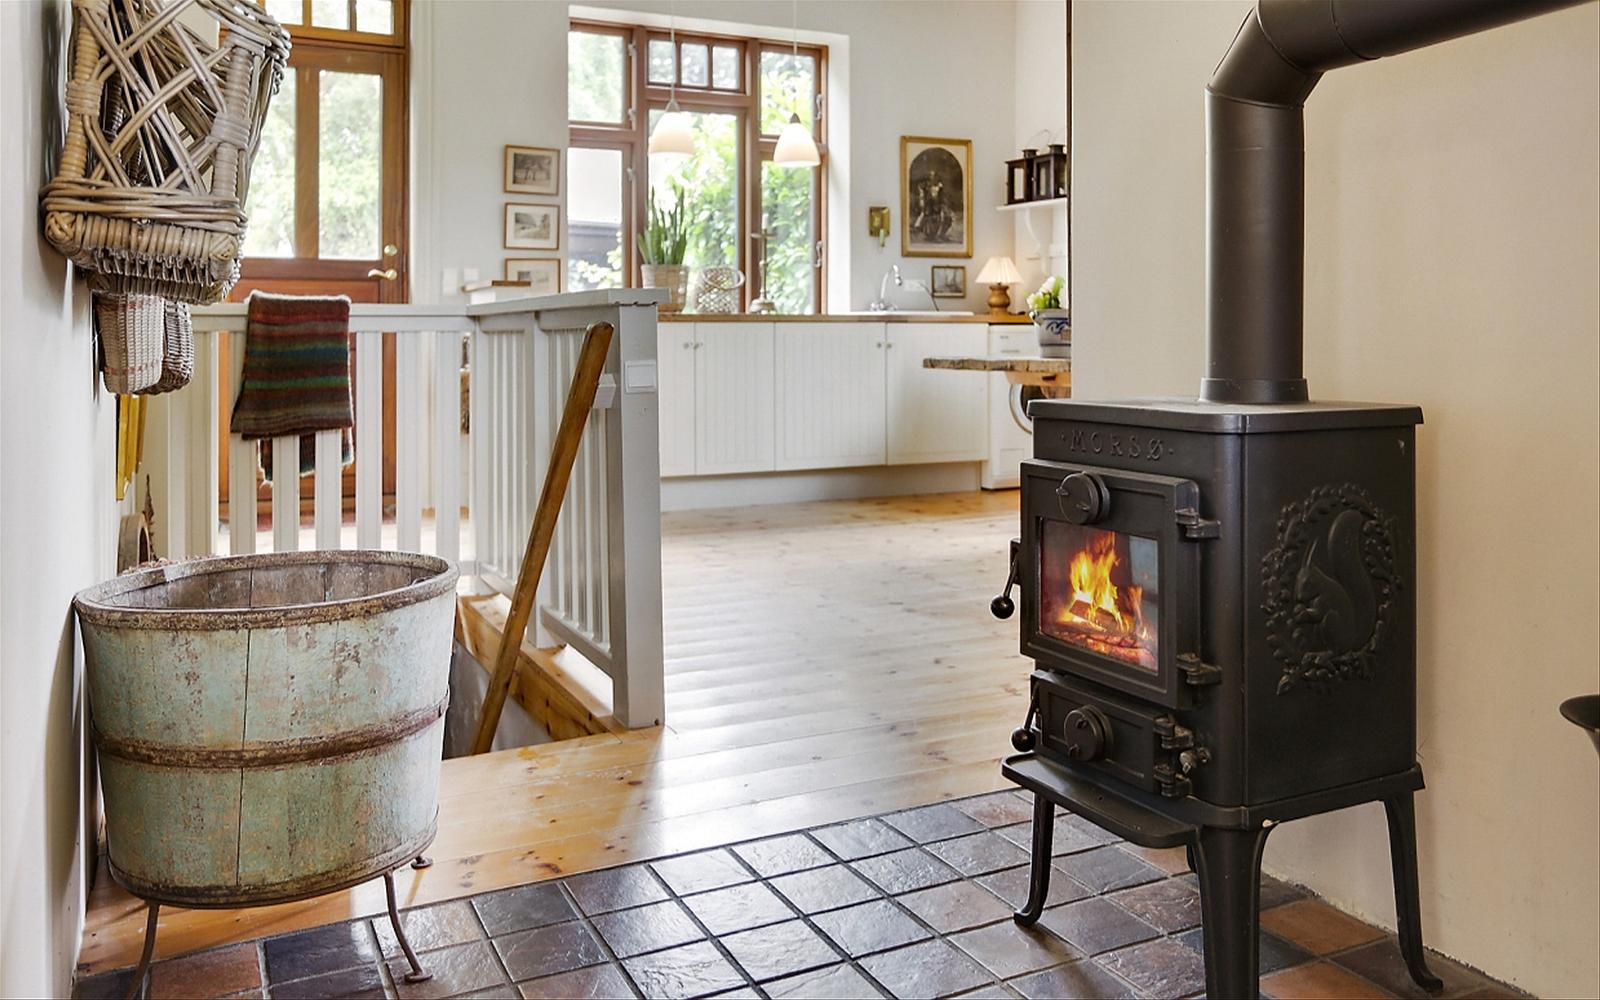 дровяная печь пол плитка лестница перила